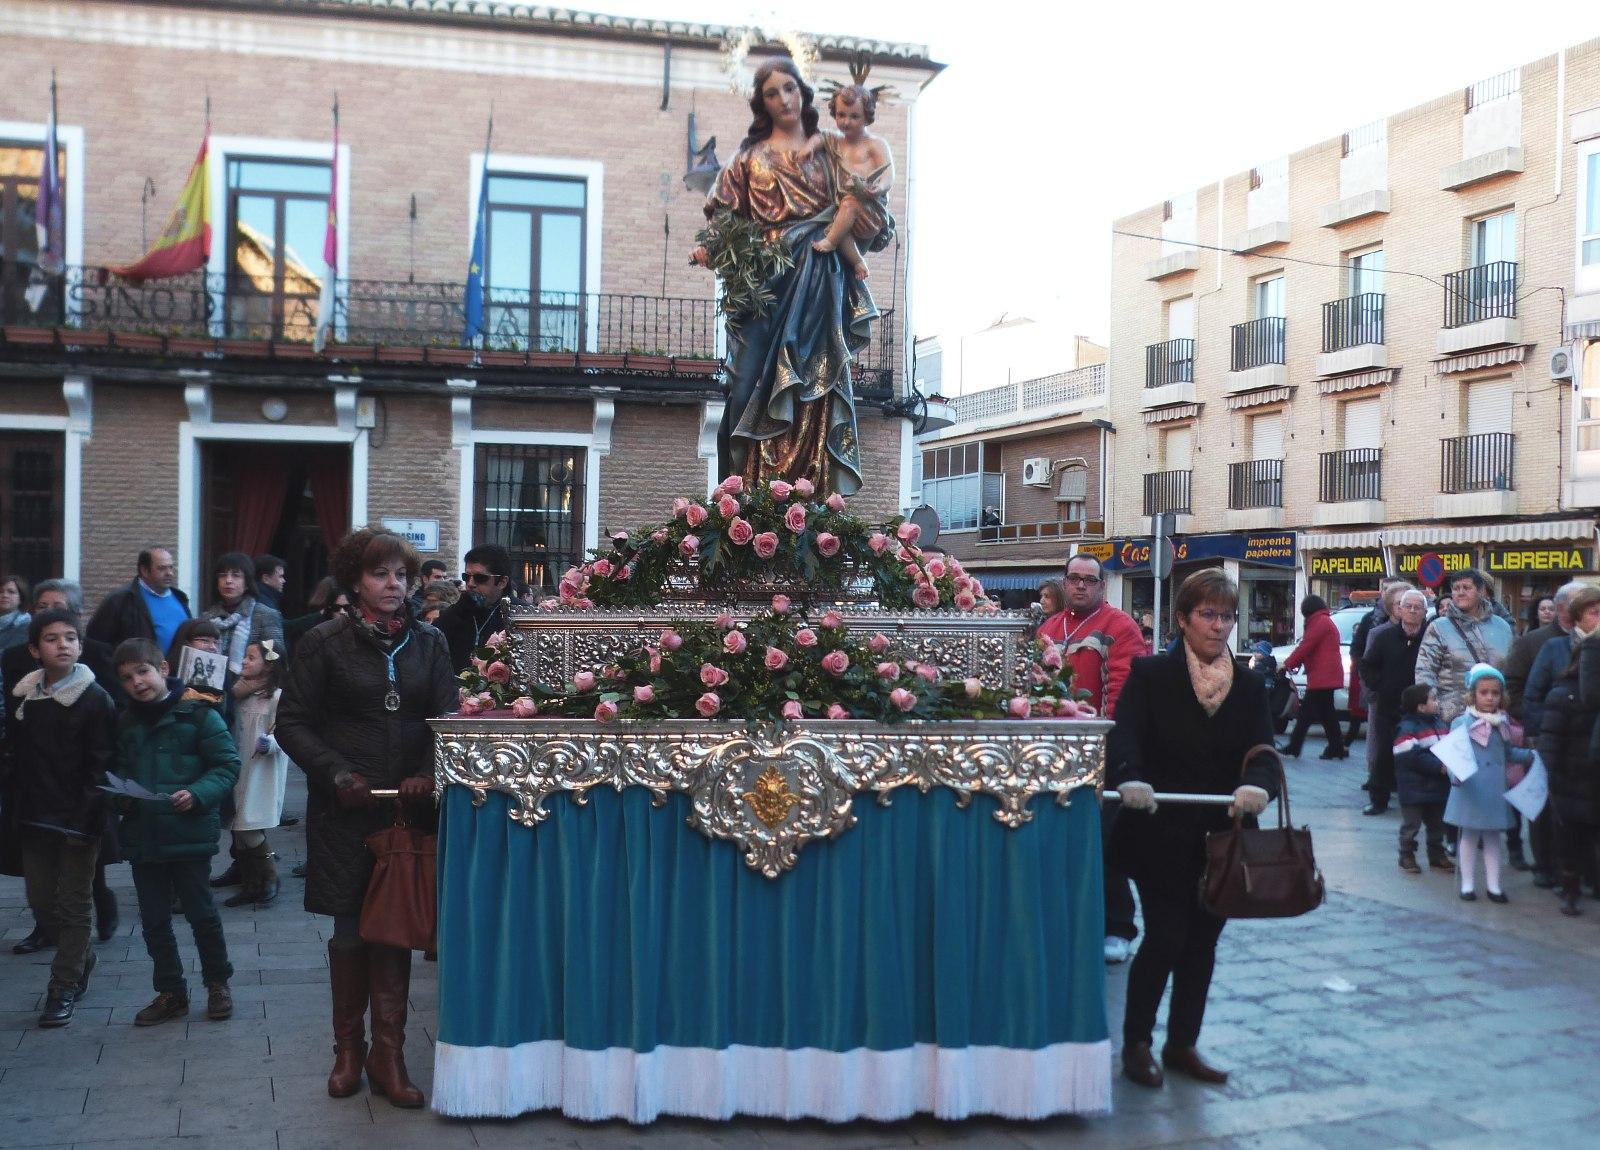 Llamada a la participación en la procesión de la Virgen de la Paz